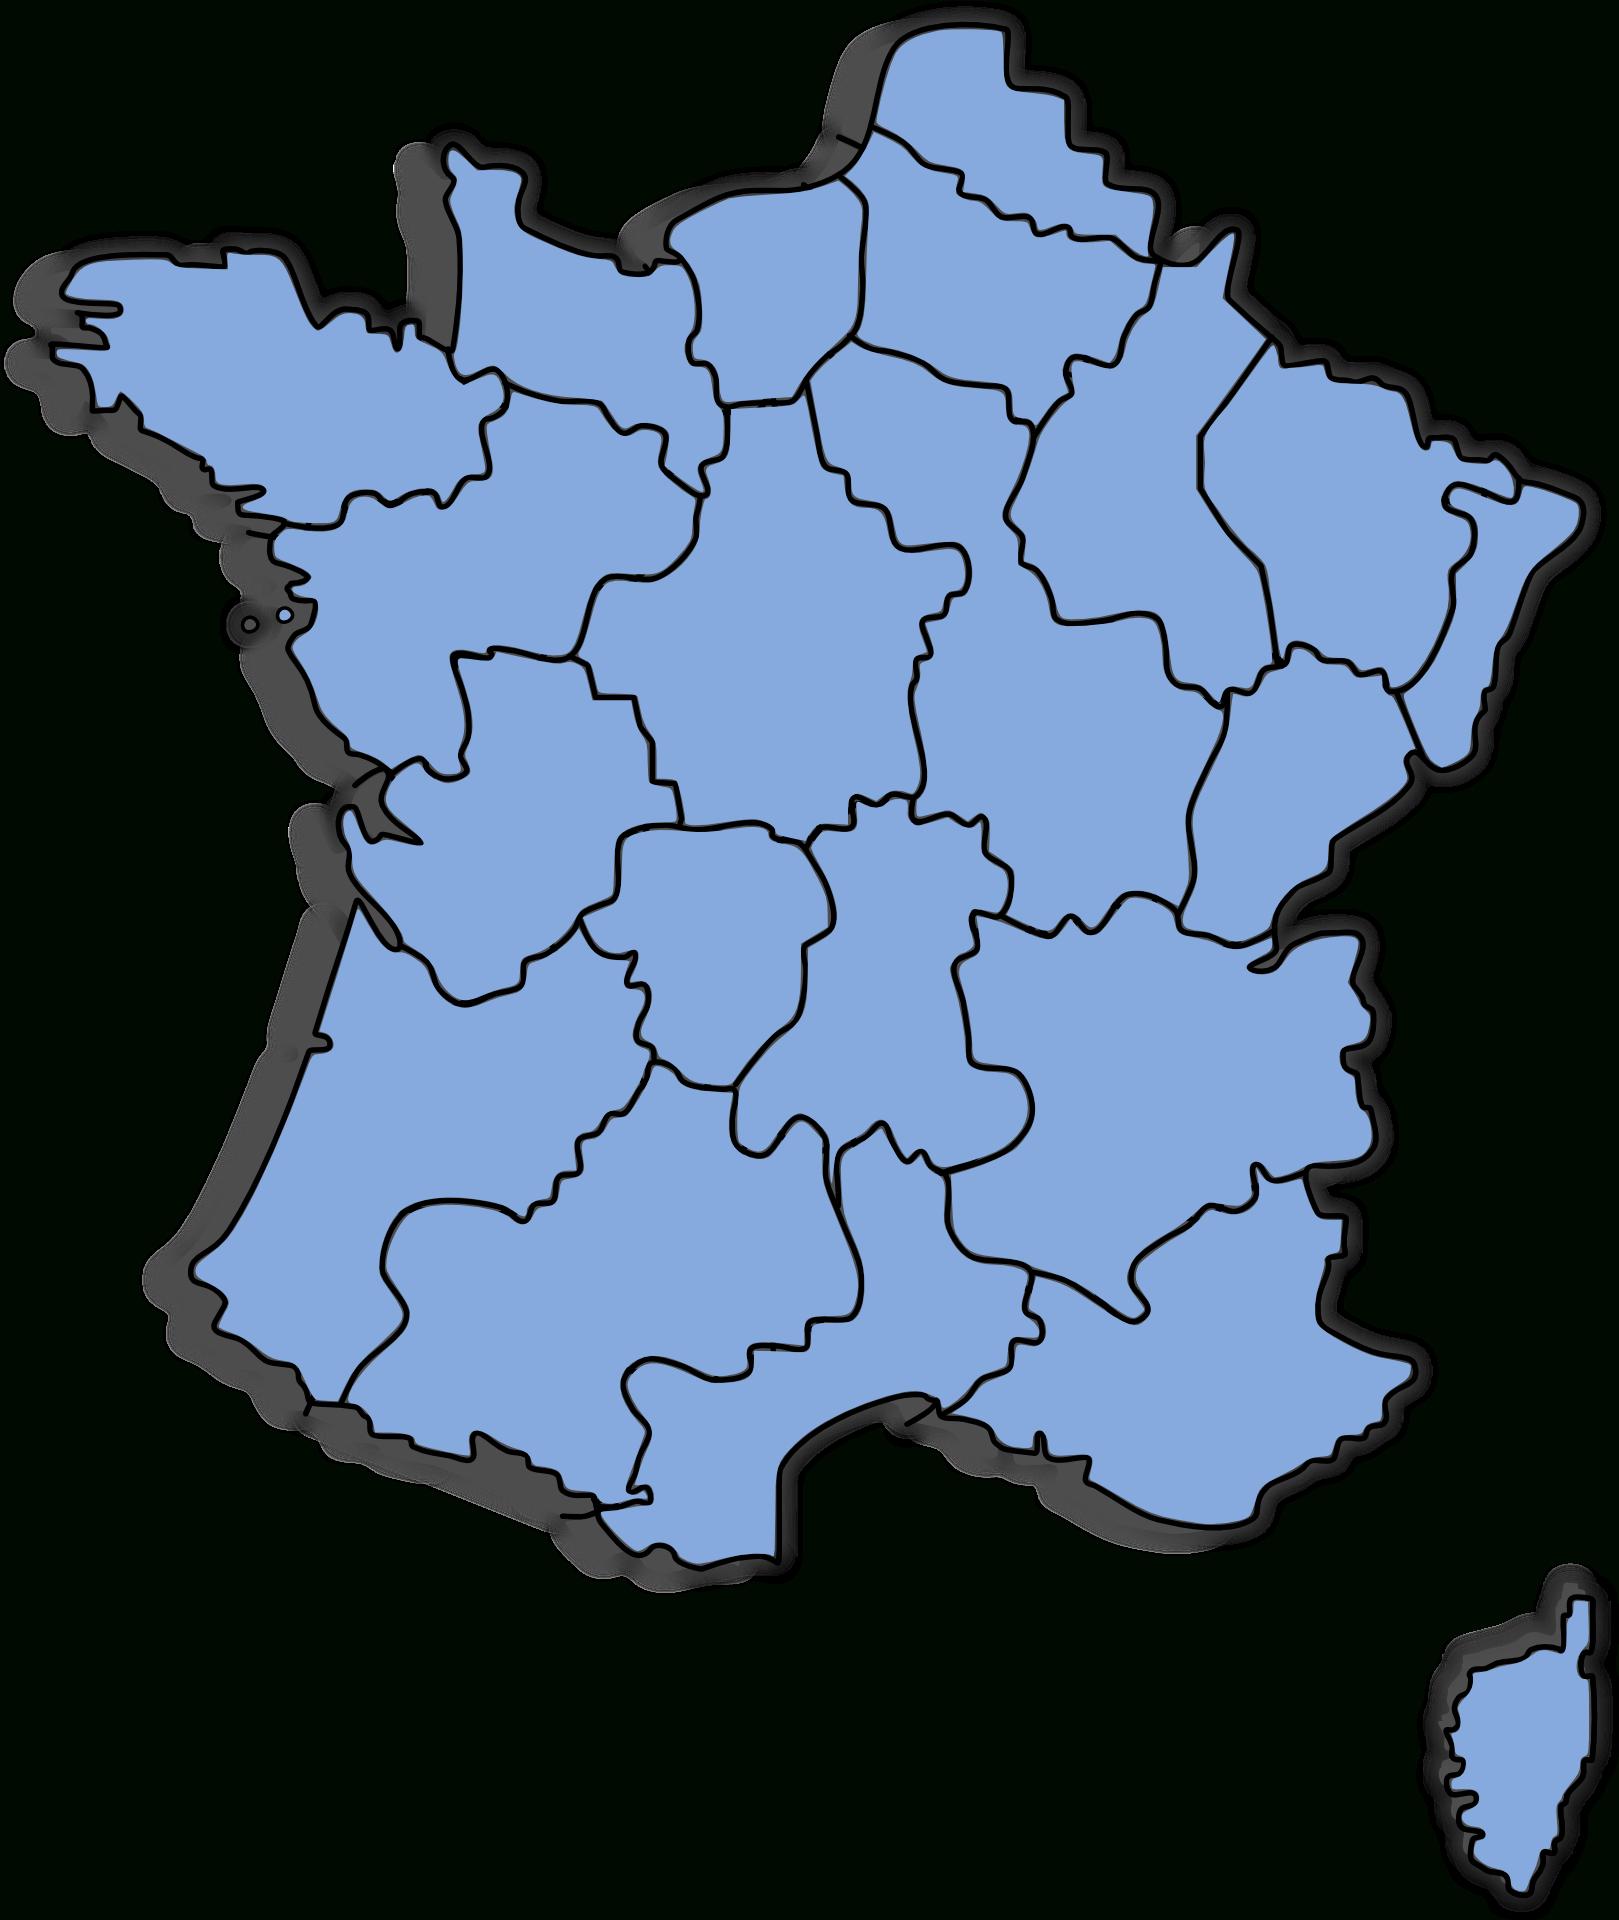 File:carte Départements France - Wikimedia Commons dedans Carte De La France Par Département